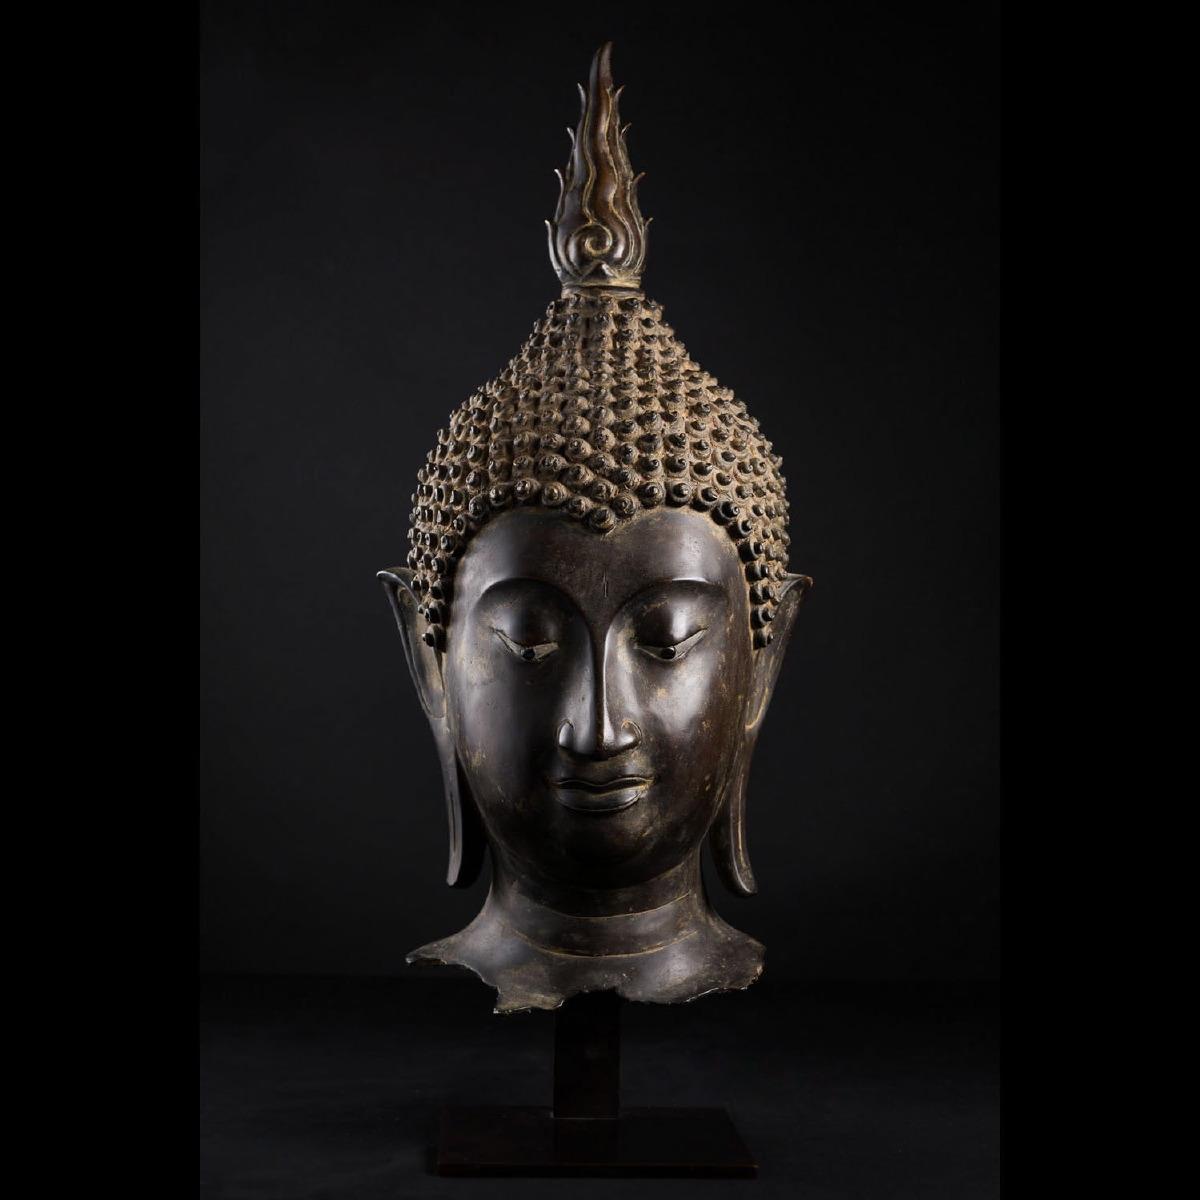 Photo of buddha-head-in-bronze-ayutthaya-musuem-galerie-golconda